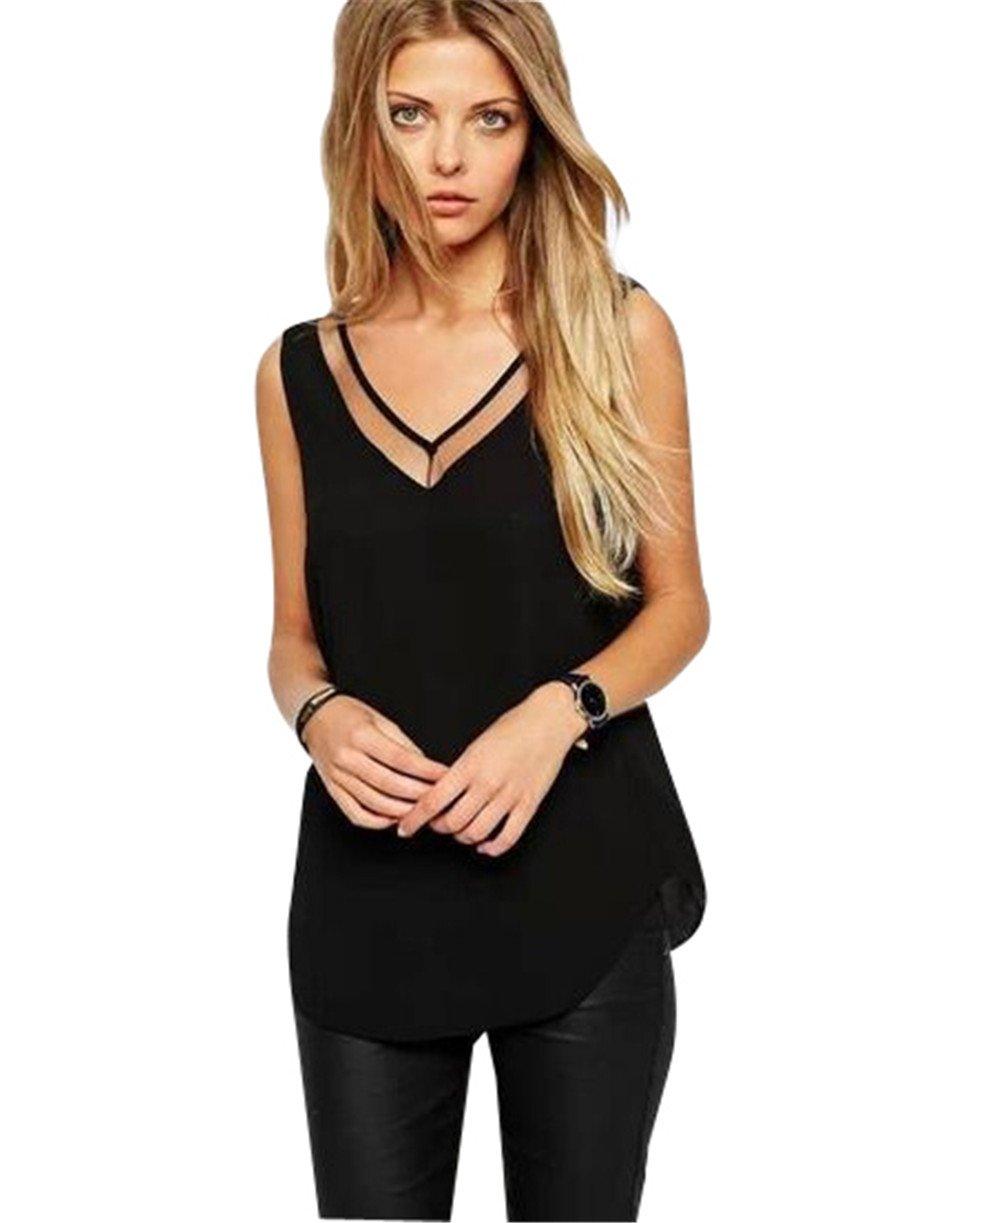 PZJ Mujeres Verano Playa Negro Blusa Camisa sin Mangas para Mujer Ocasional de la Gasa del Chaleco de la Blusa de Las Tapas del Tanque de la Camiseta